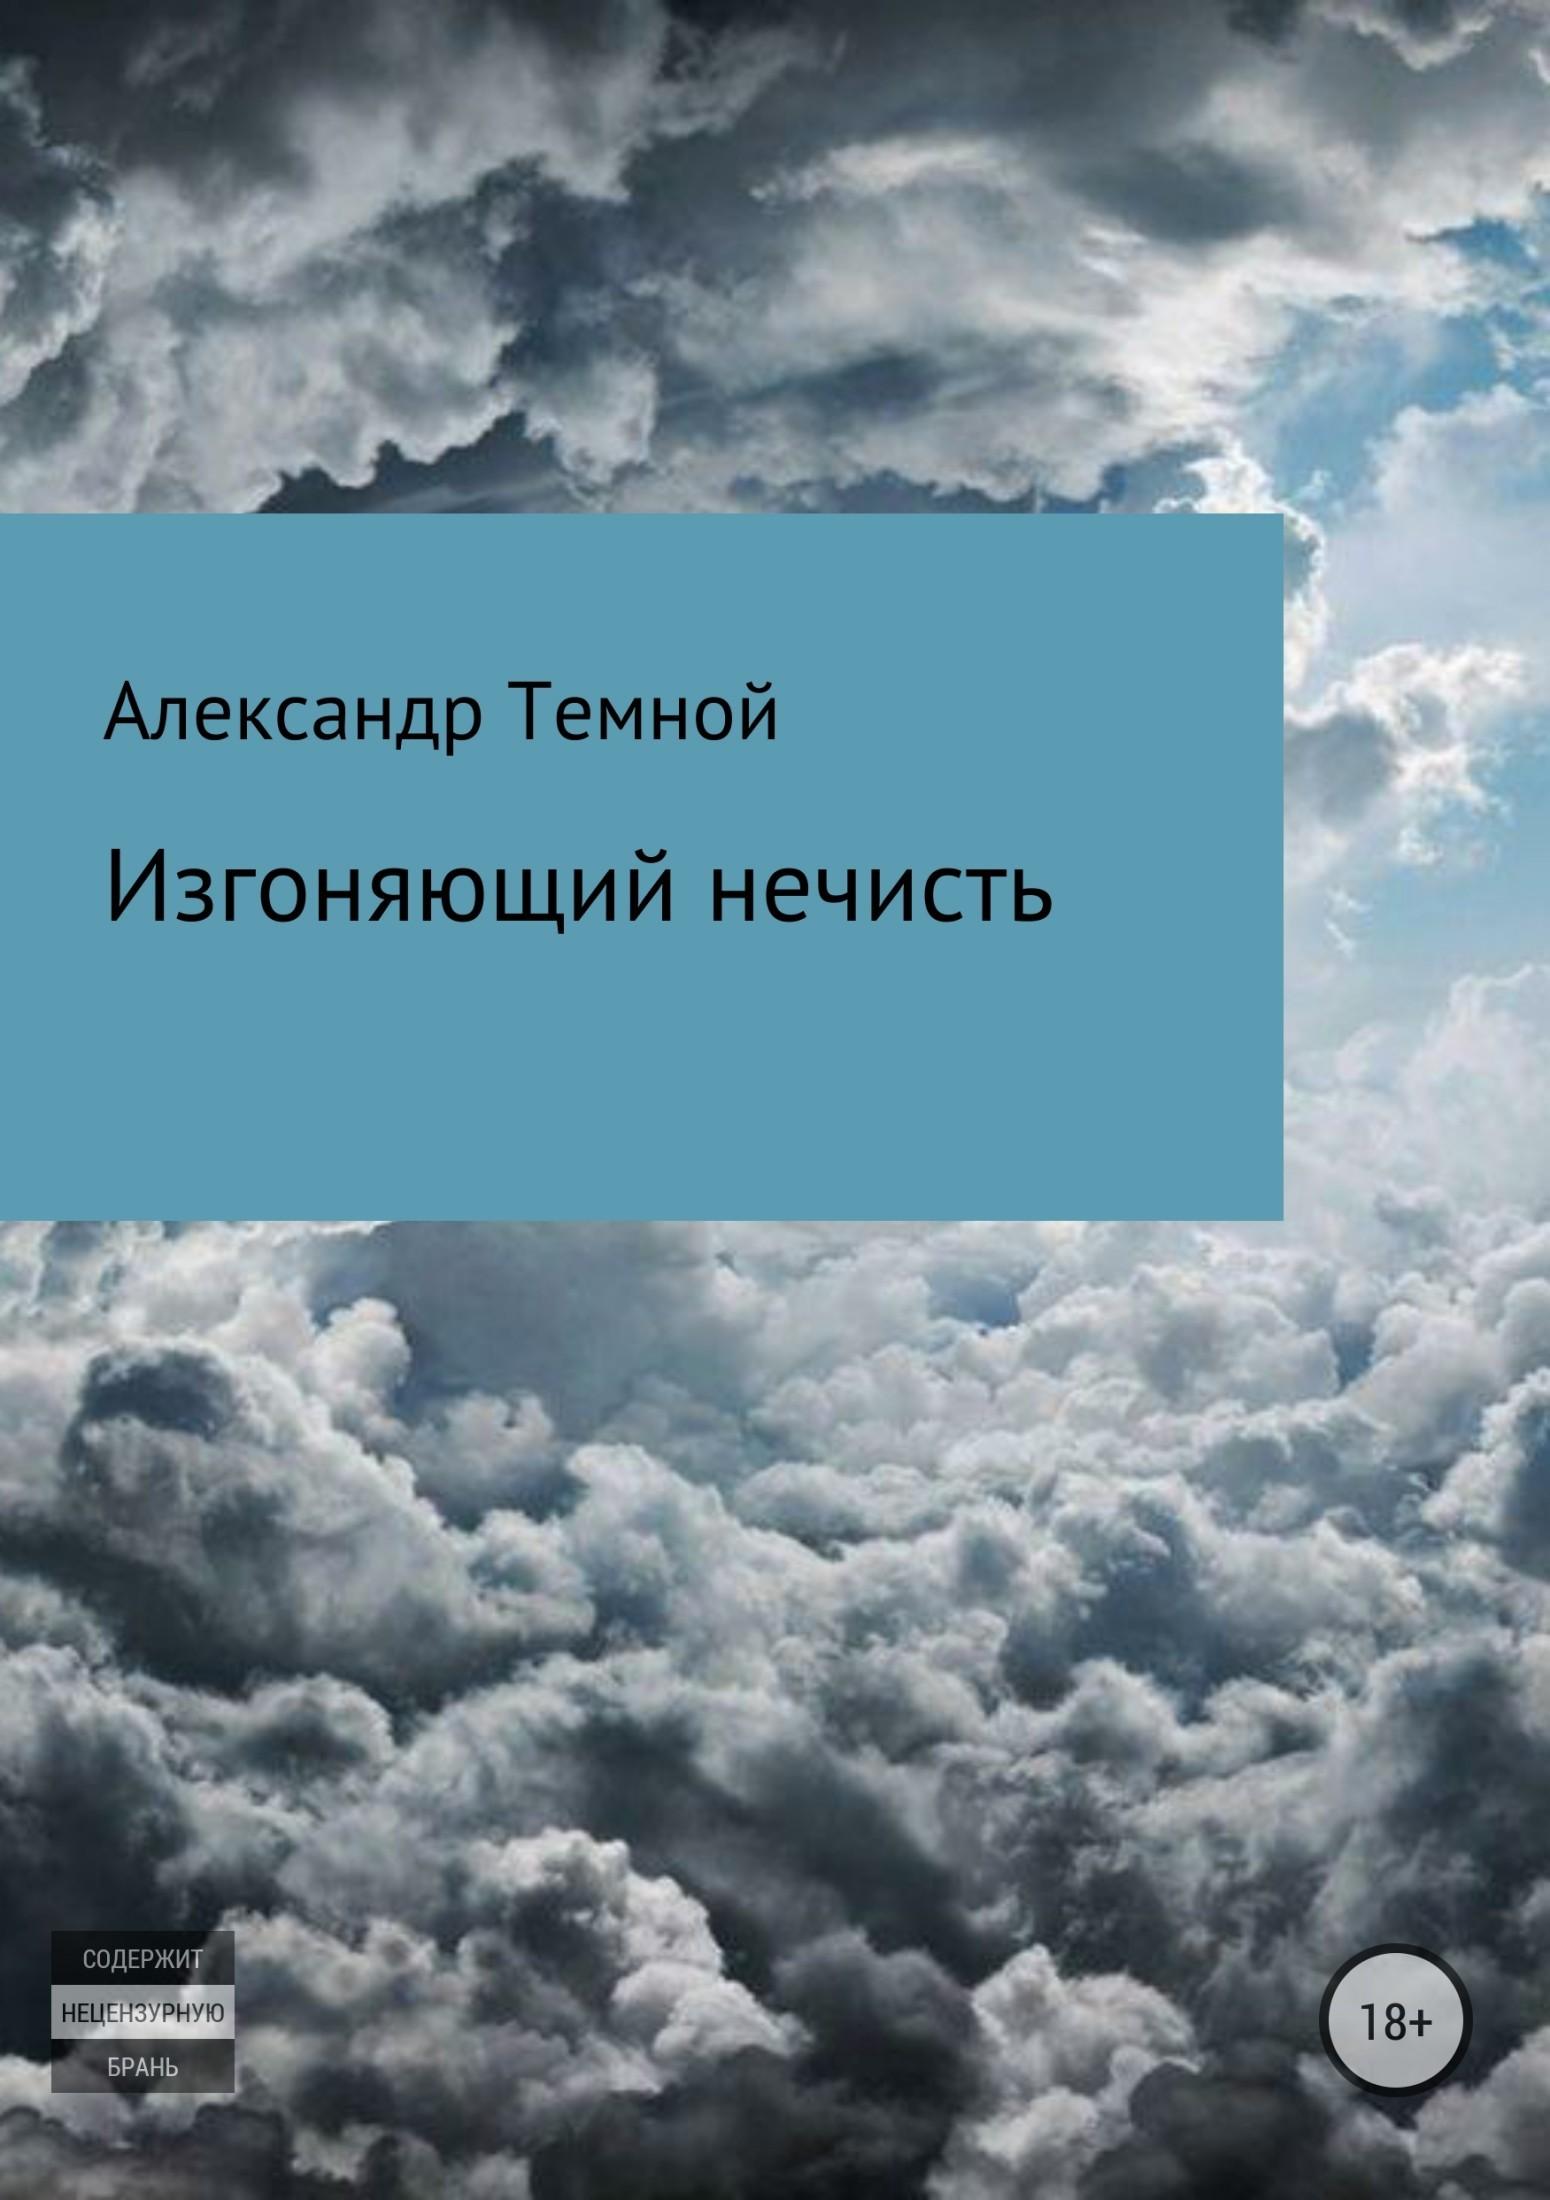 Александр Валерьевич Темной бесплатно